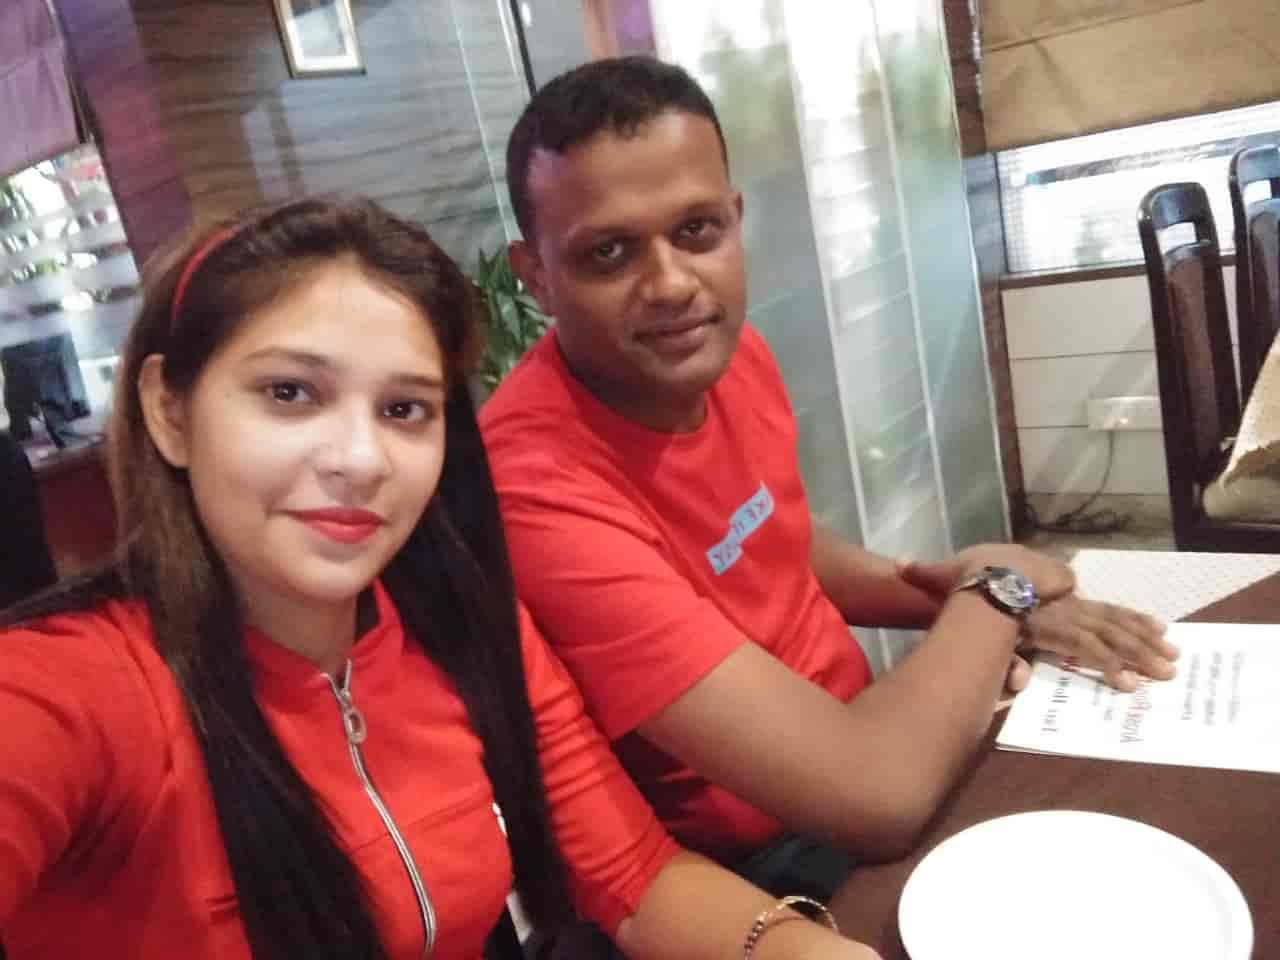 Vira Matchmaker, Panchkula - Matrimonial Bureaus For